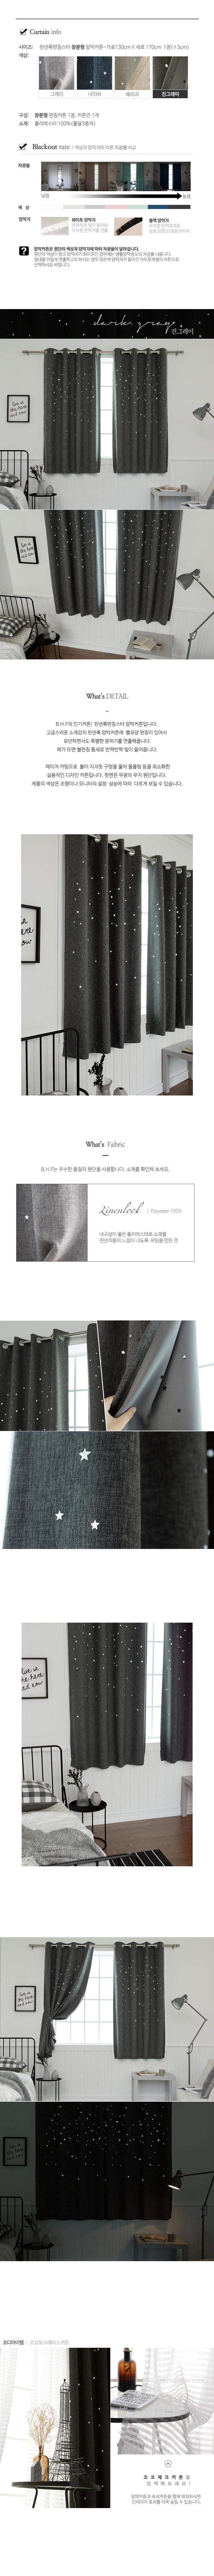 BHF 린넨펀칭스타 작은창 암막커튼(130x170cm) - 비에이치에프, 19,800원, 암막커튼, 심플모던